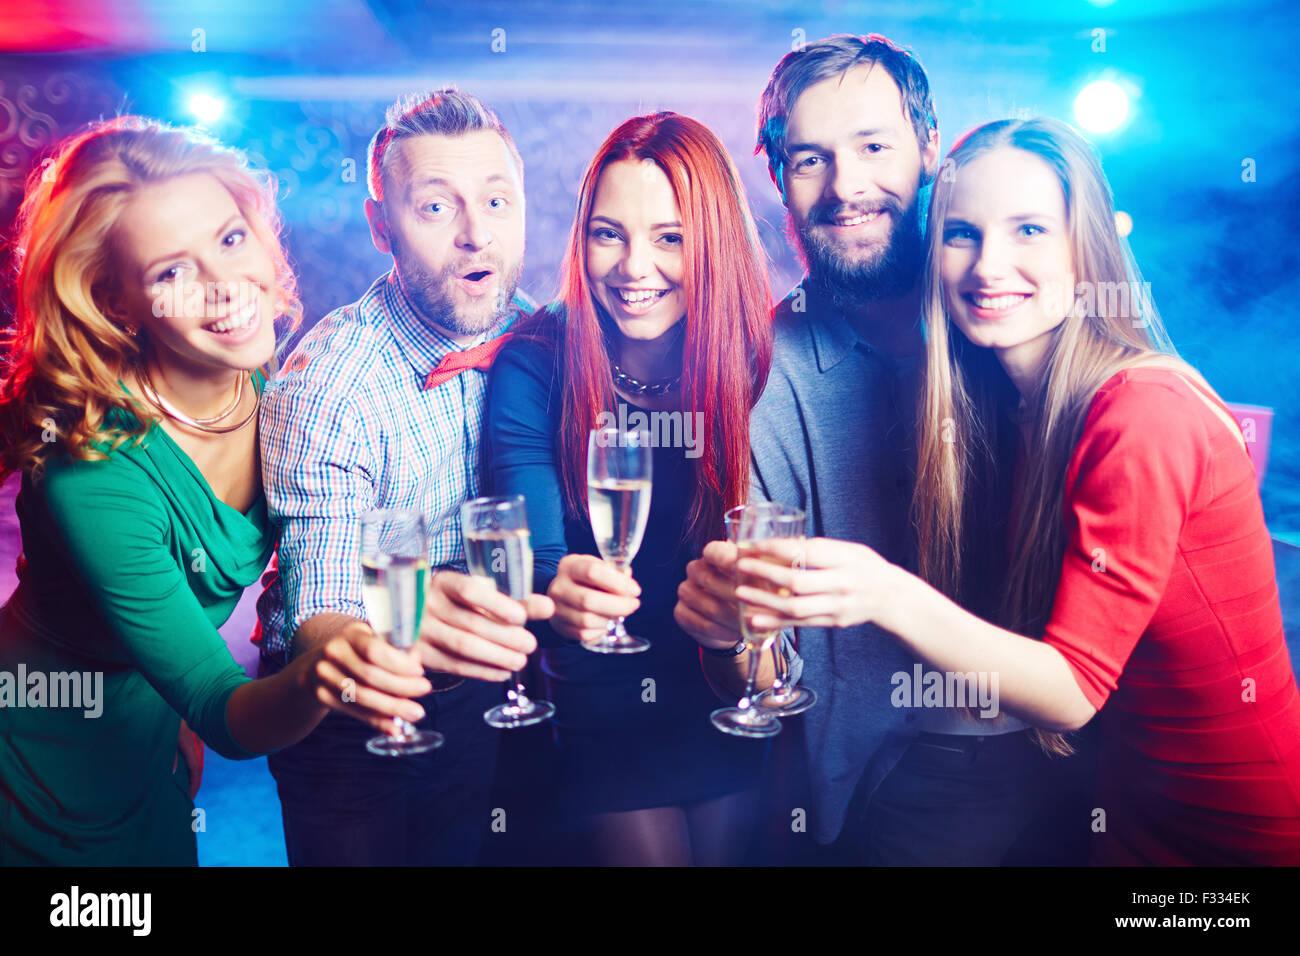 Gruppo di amici estatica avente parte nel night club Immagini Stock